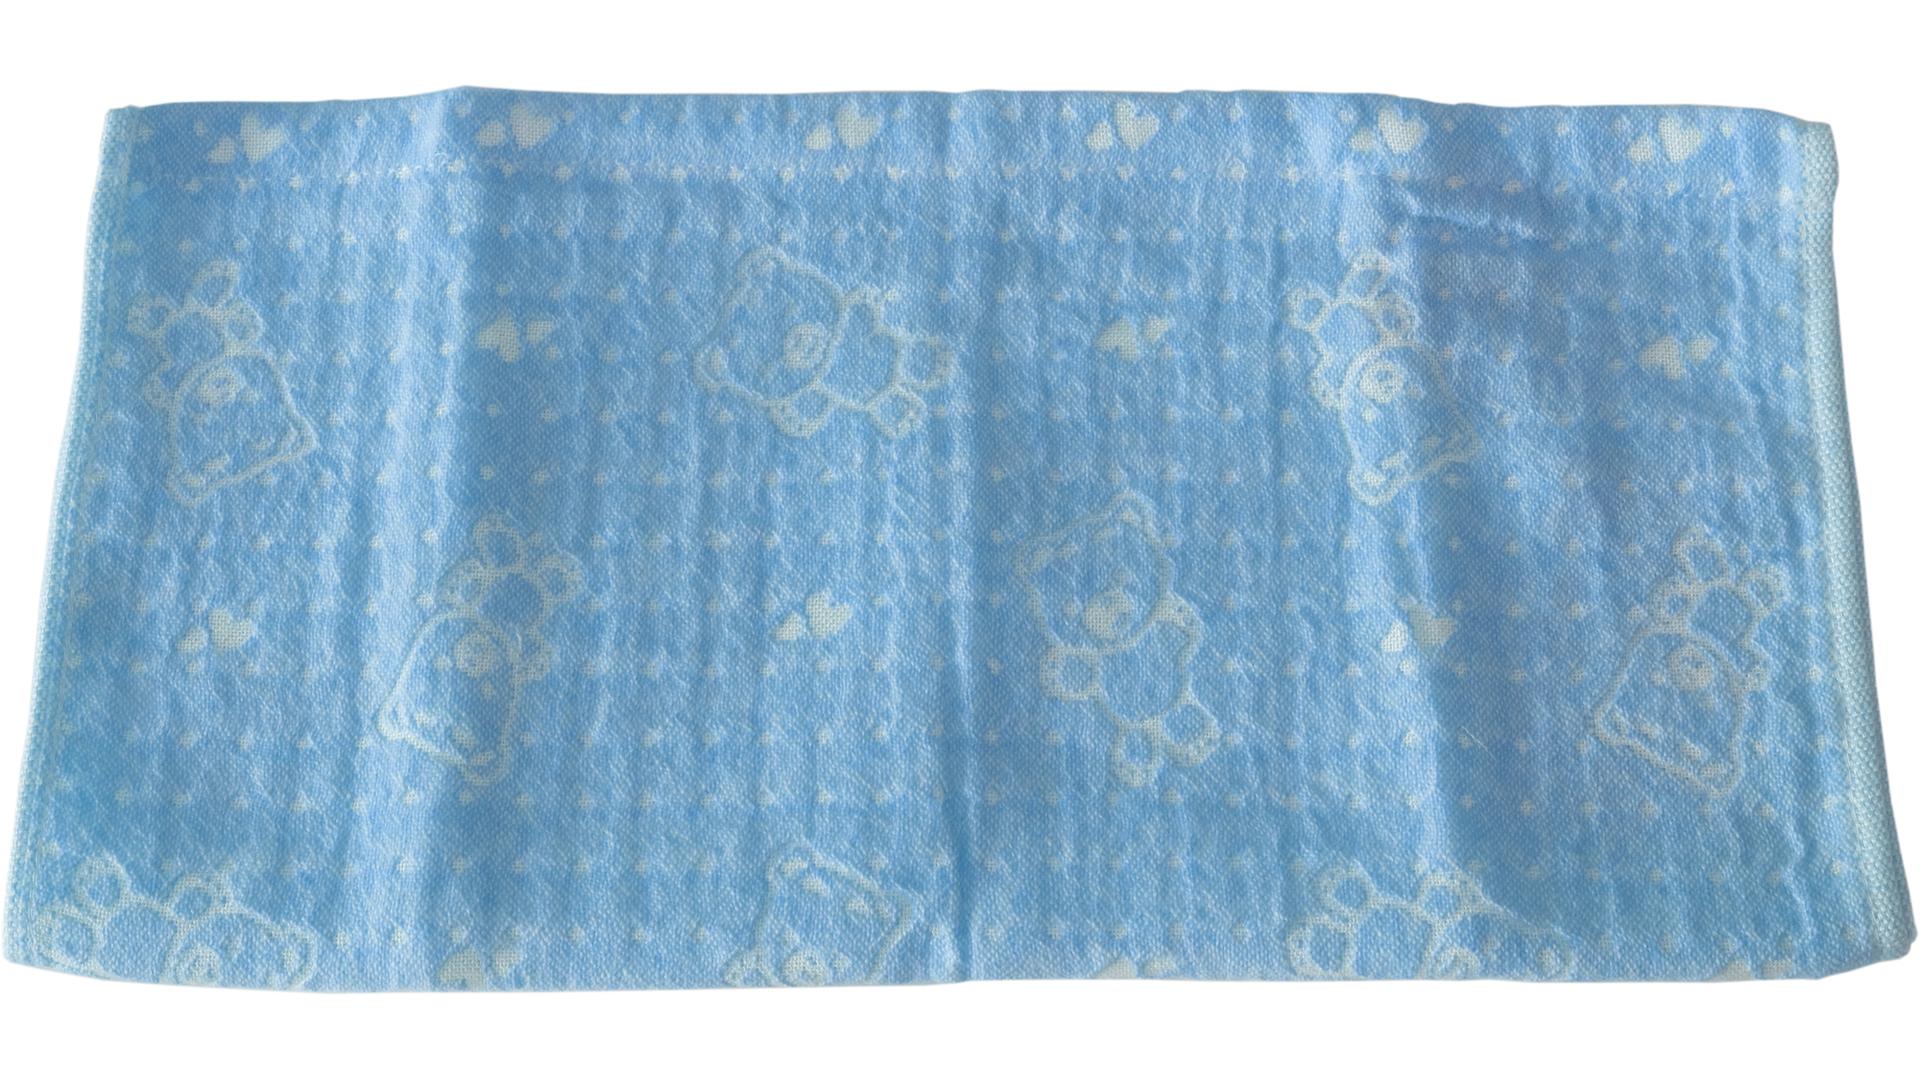 ผ้าเช็ดตัวเด็ก 34x76 ซม. สีฟ้าอ่อน